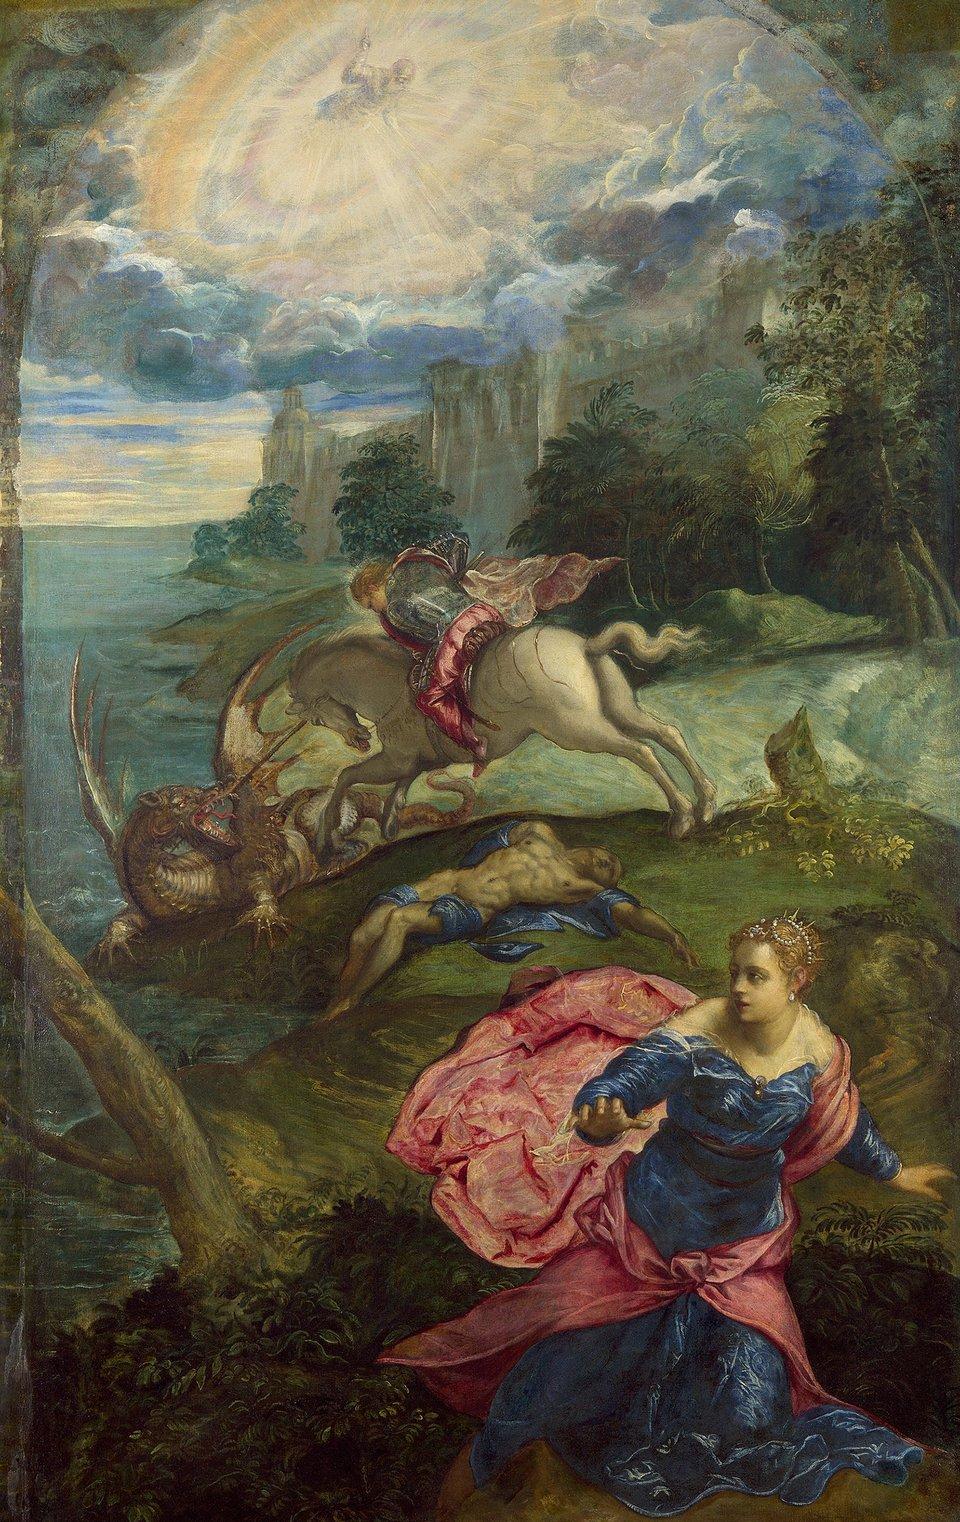 Święty Jerzy ismok Źródło: Jacopo Tintoretto, Święty Jerzy ismok , 1555–1558, olej na płótnie, domena publiczna.